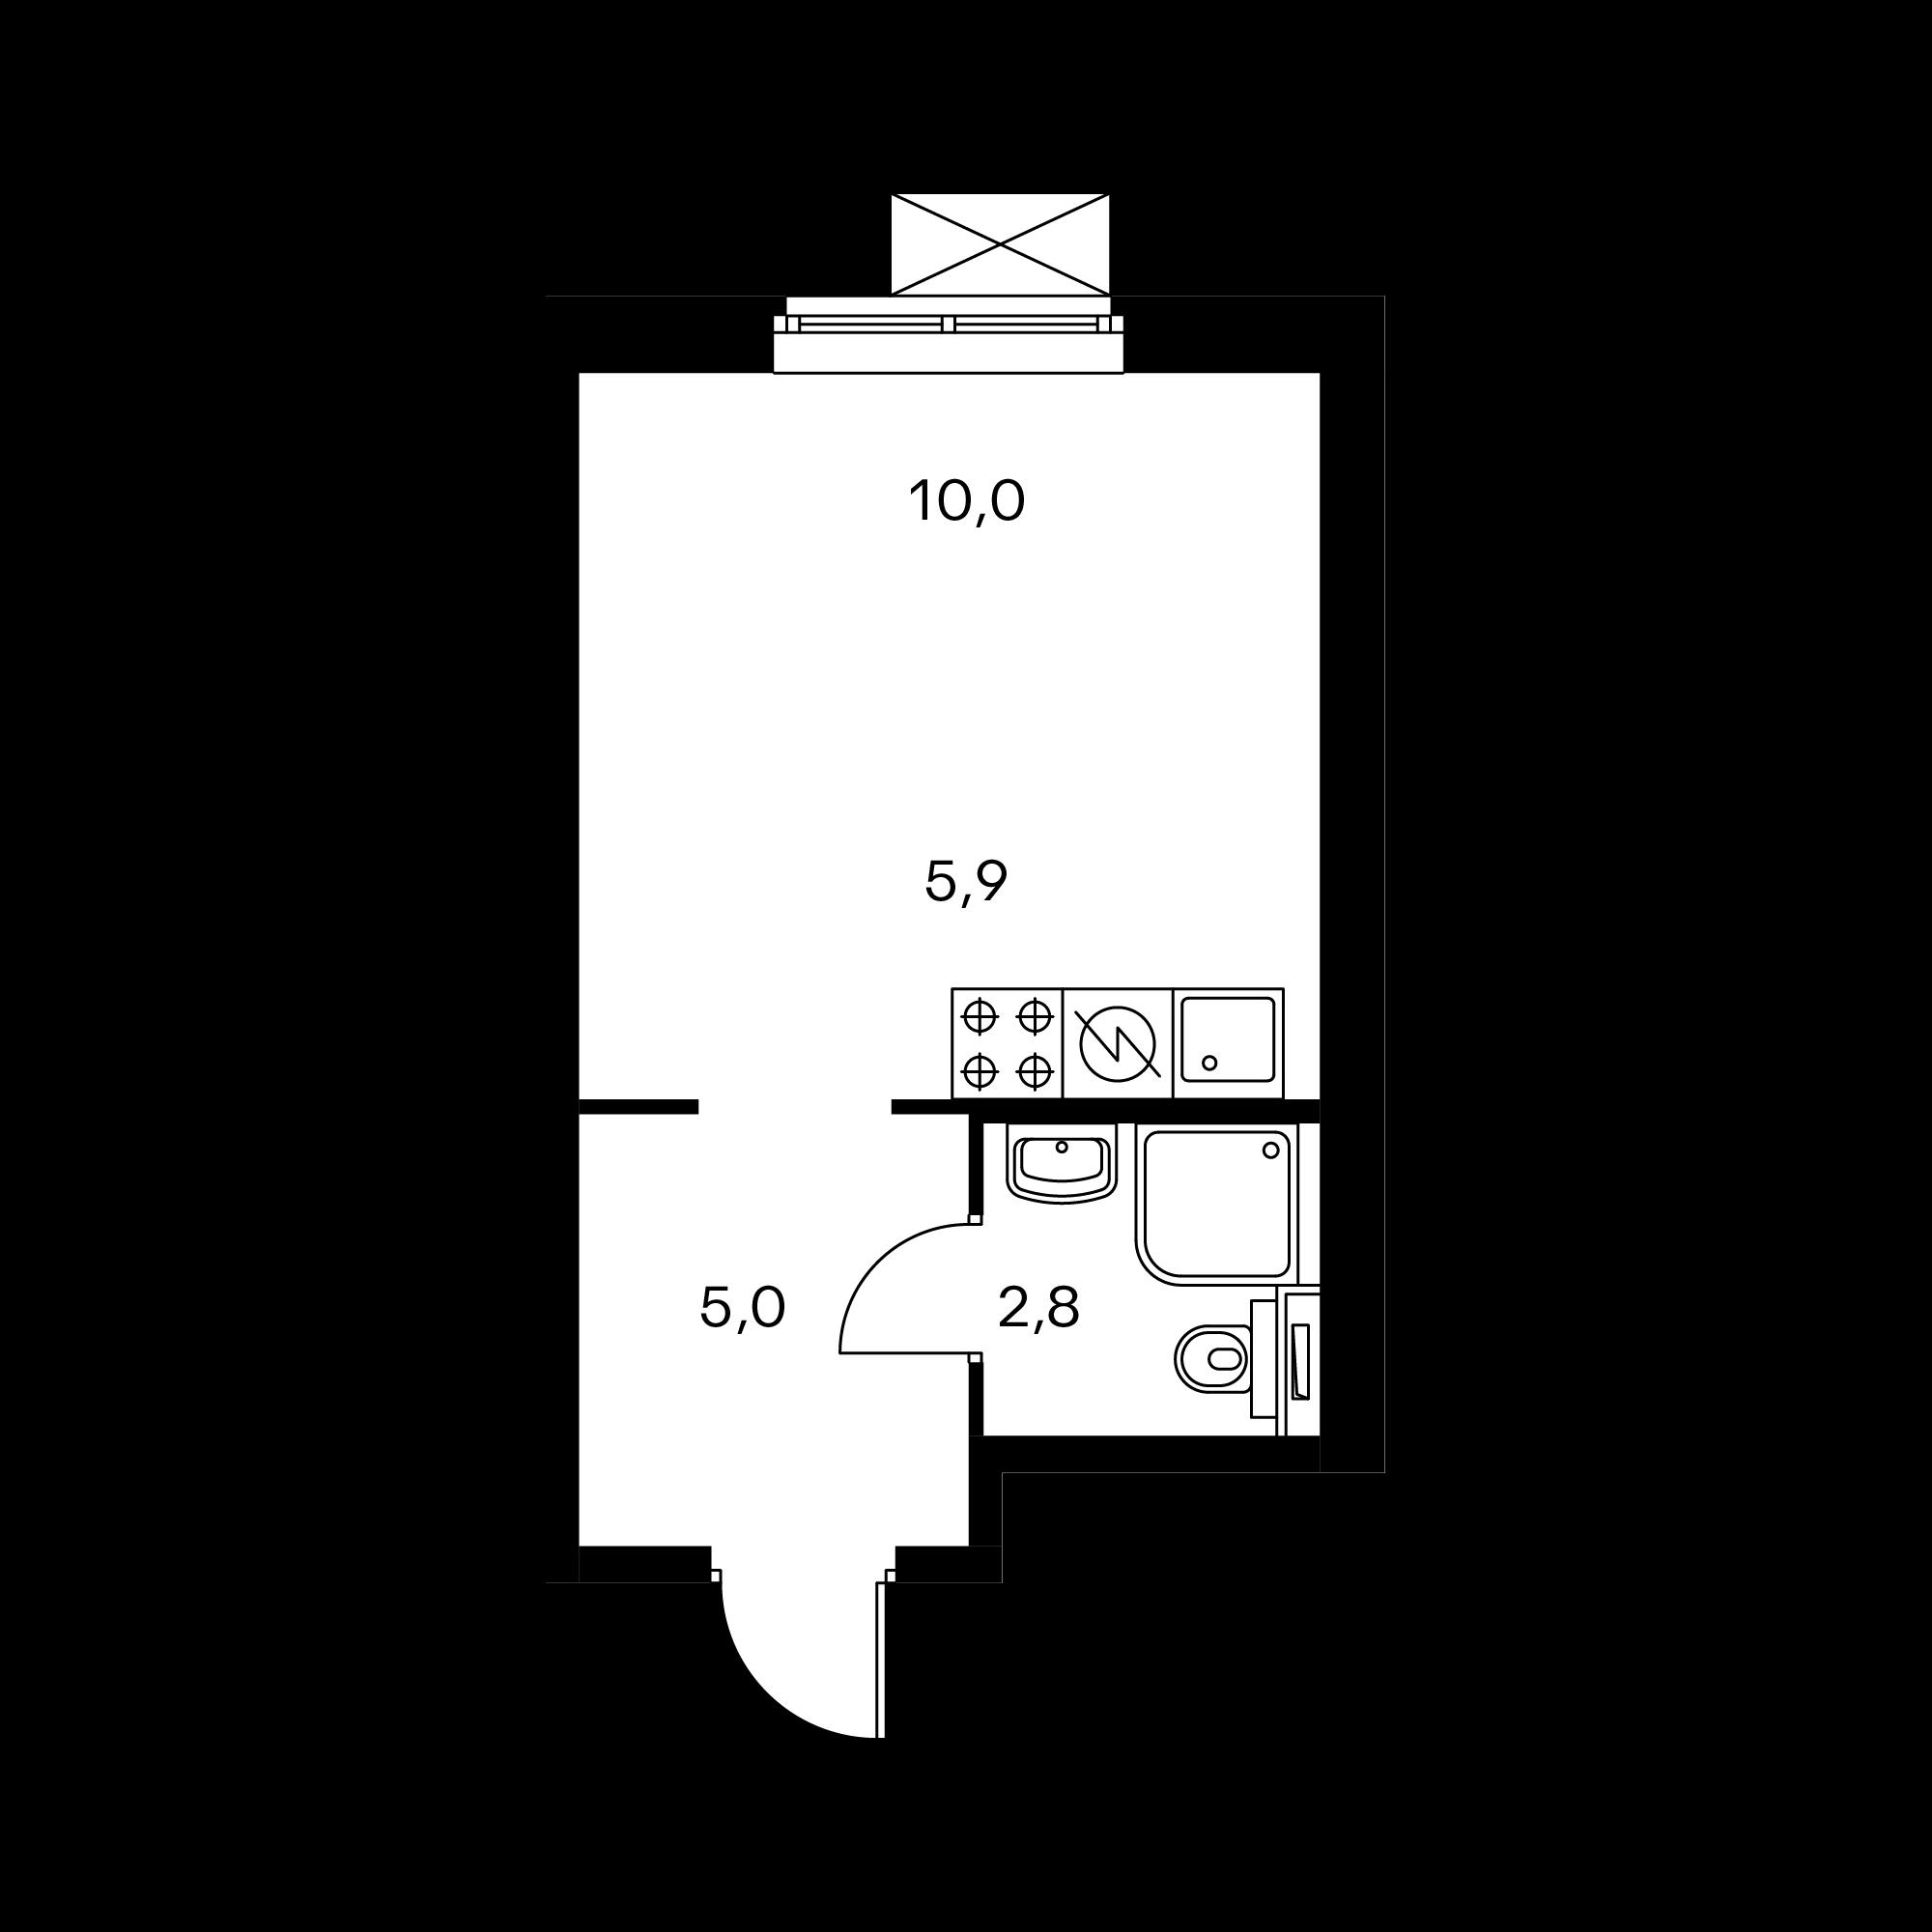 1NS1_4.2-1_S_Z